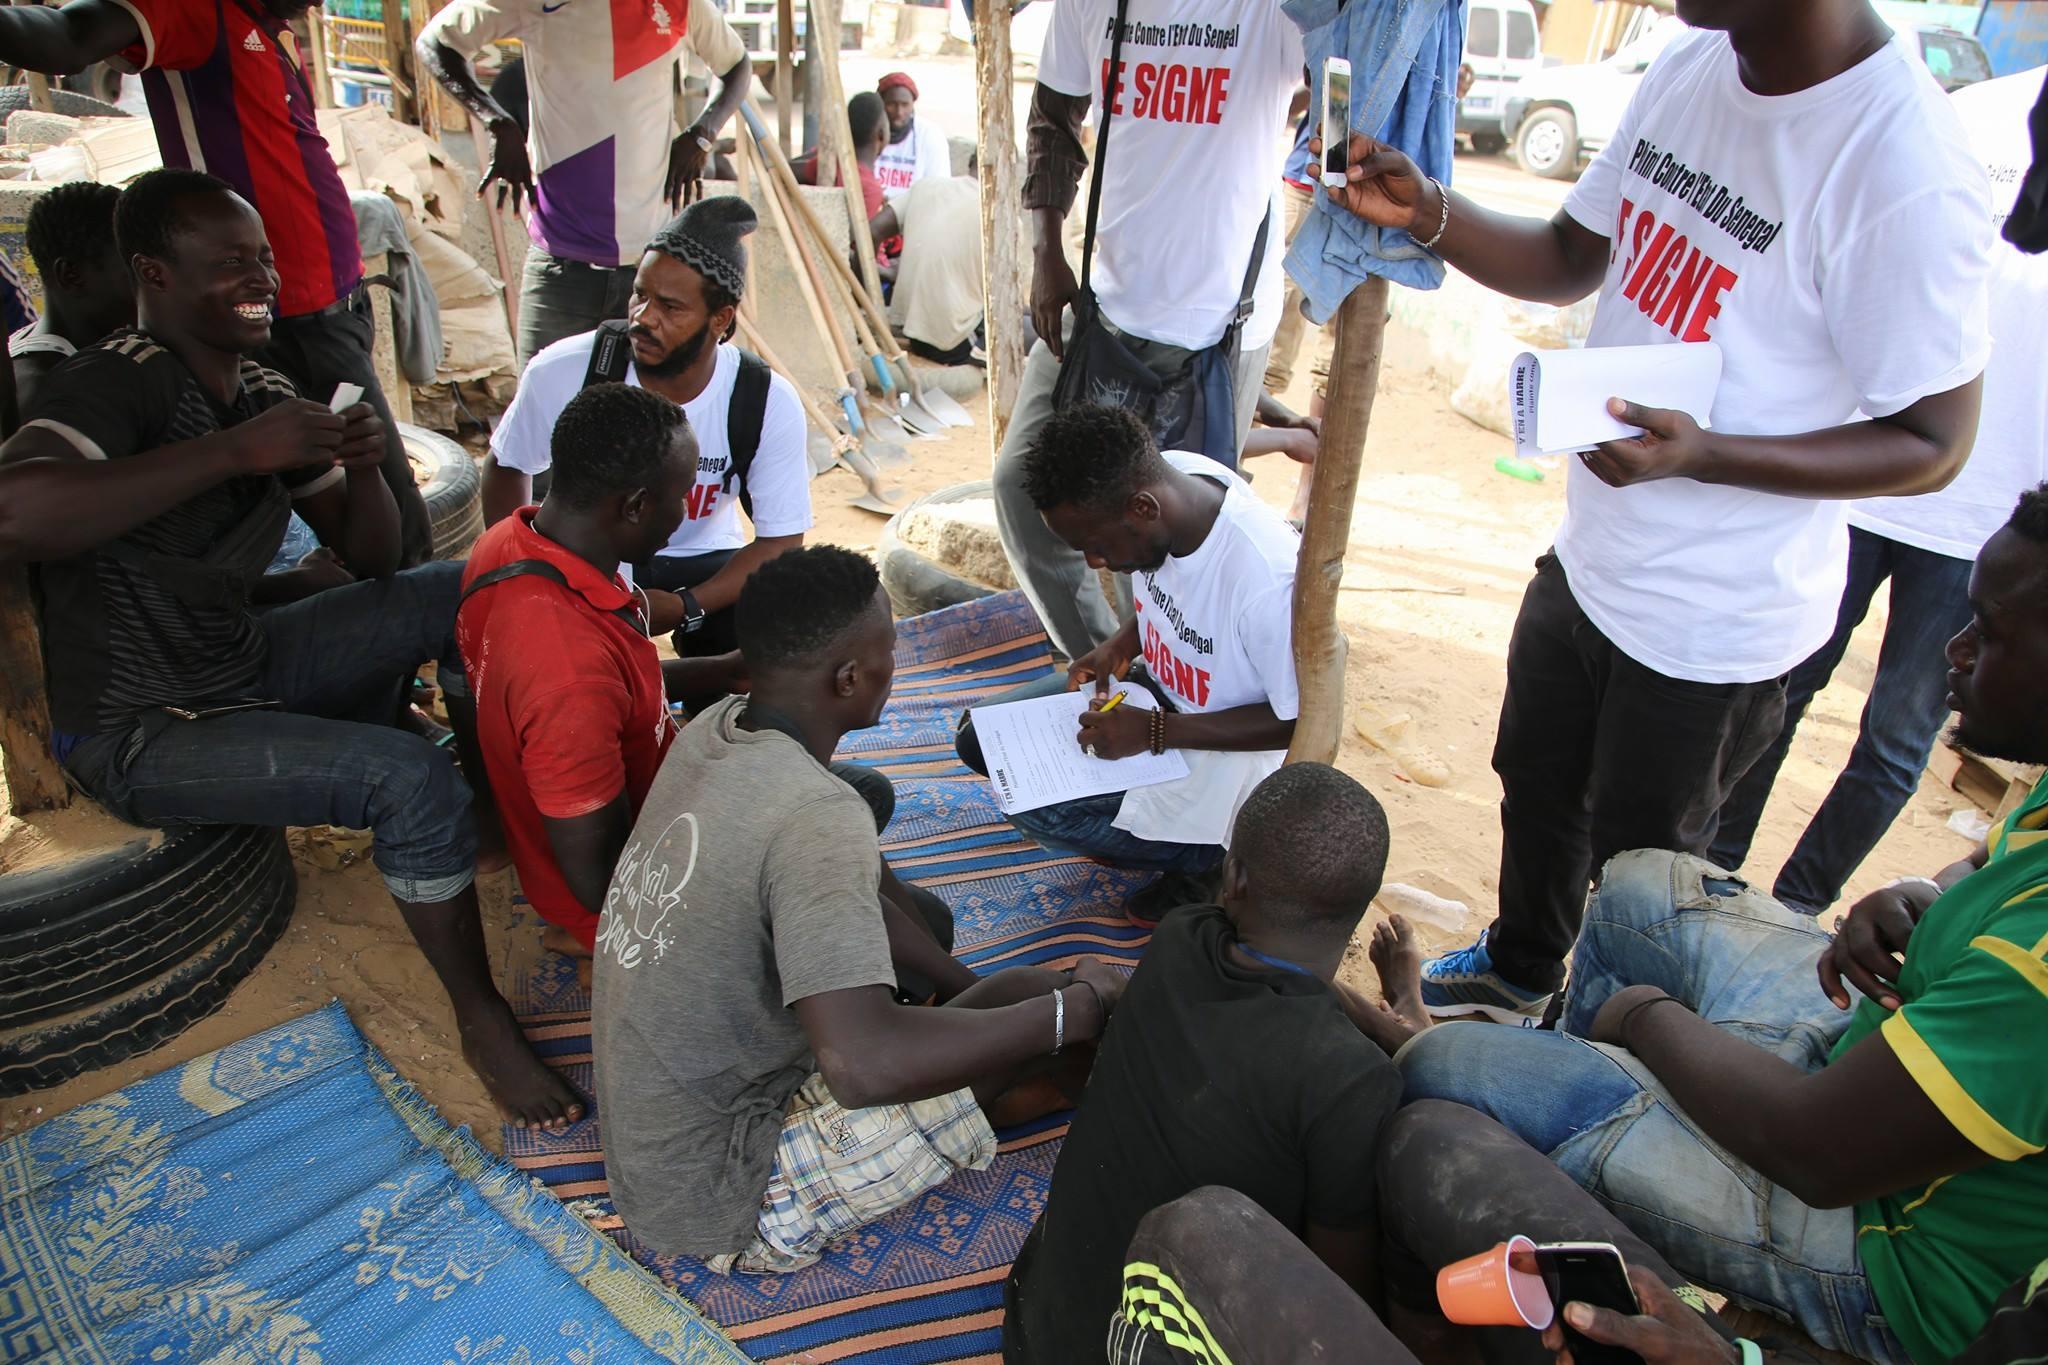 La plainte de Y'en a marre contre l'Etat du Sénégal enregistre plus de 7.000  signatures physiques et 750 signatures en ligne